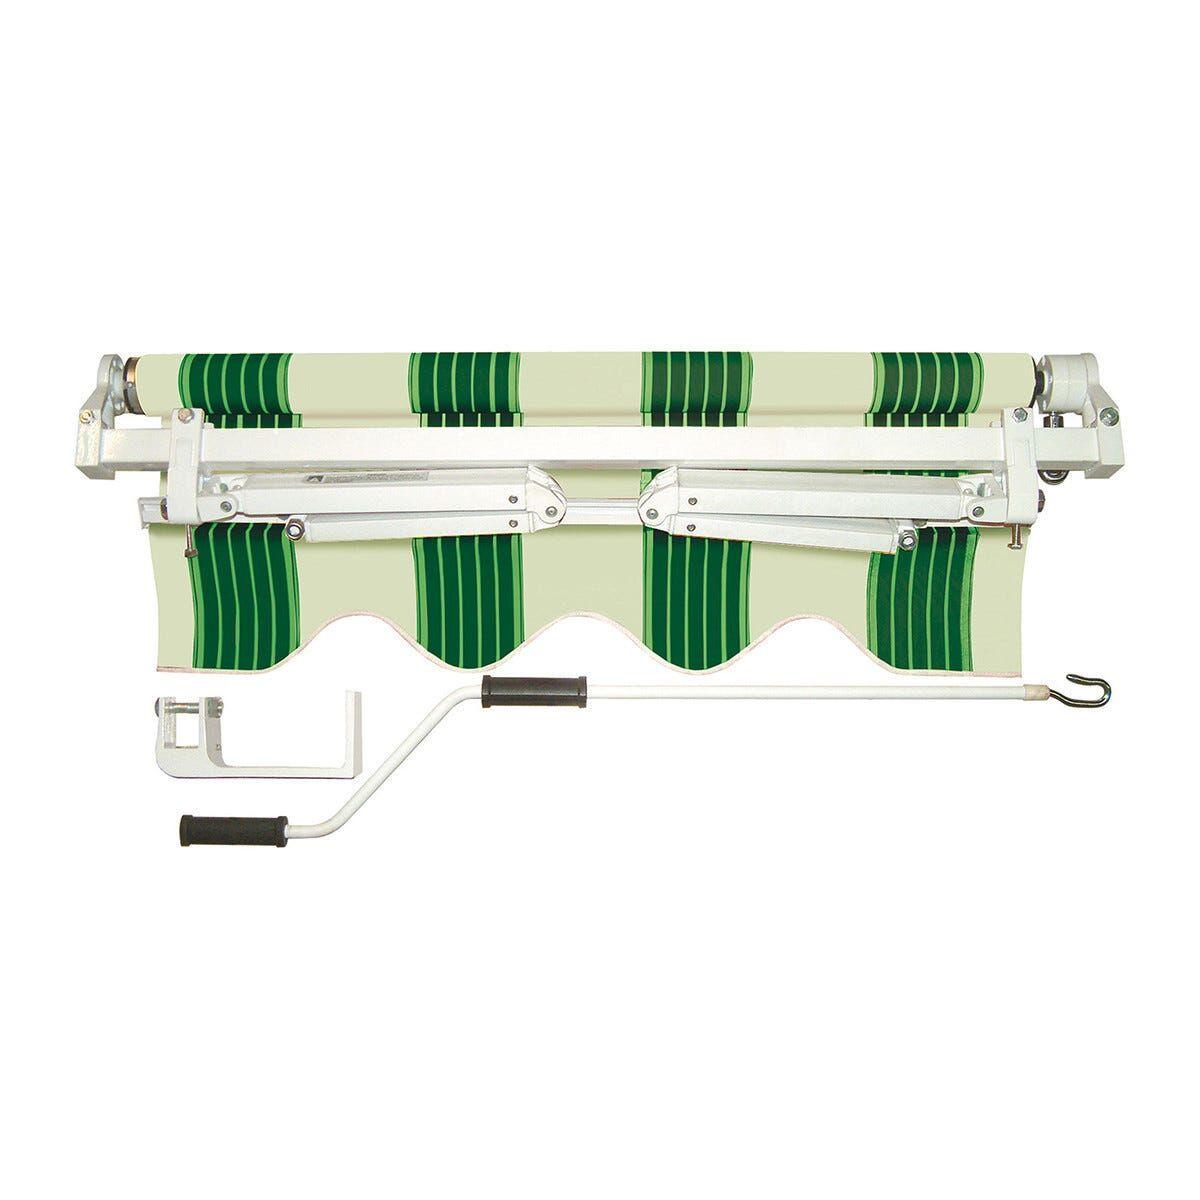 Tenda Da Sole A Barra Quadra Rigato Verde 395x300 Cm (Lxp)